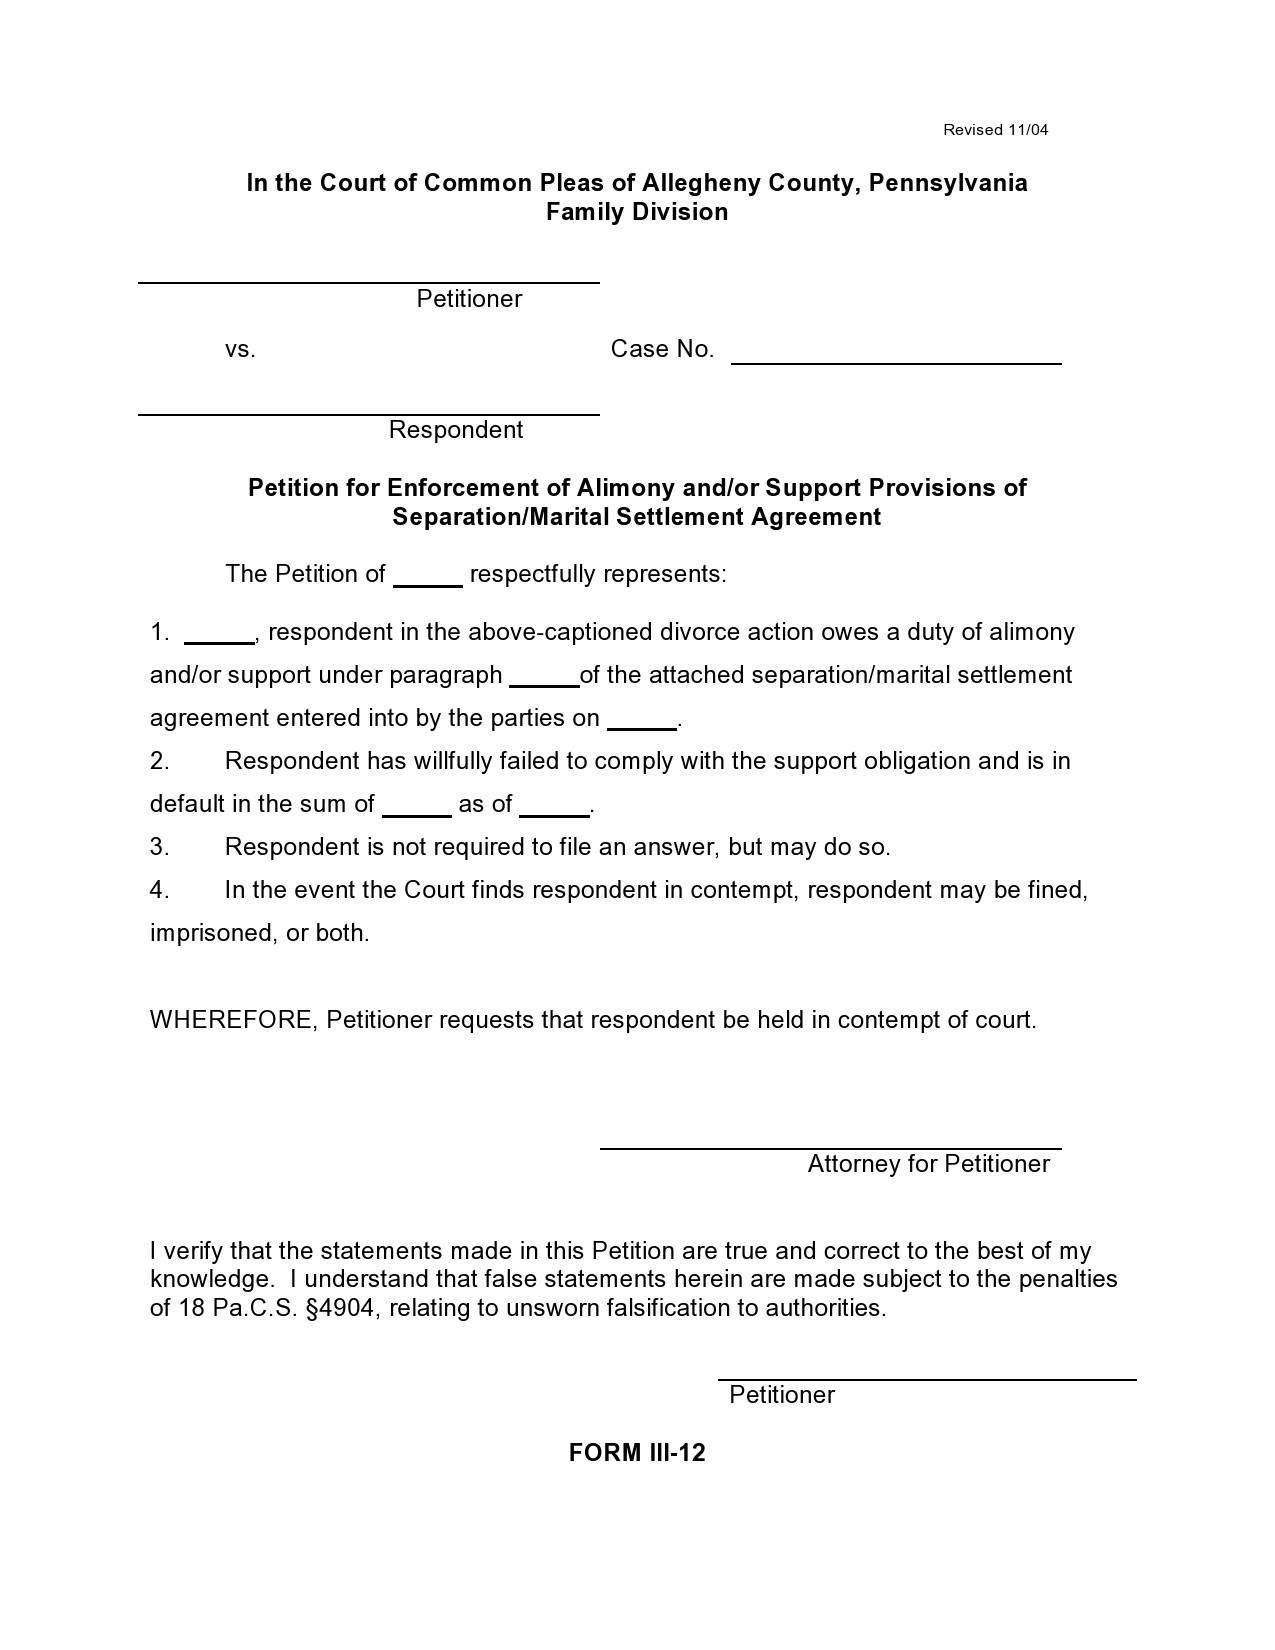 Free marital settlement agreement 01